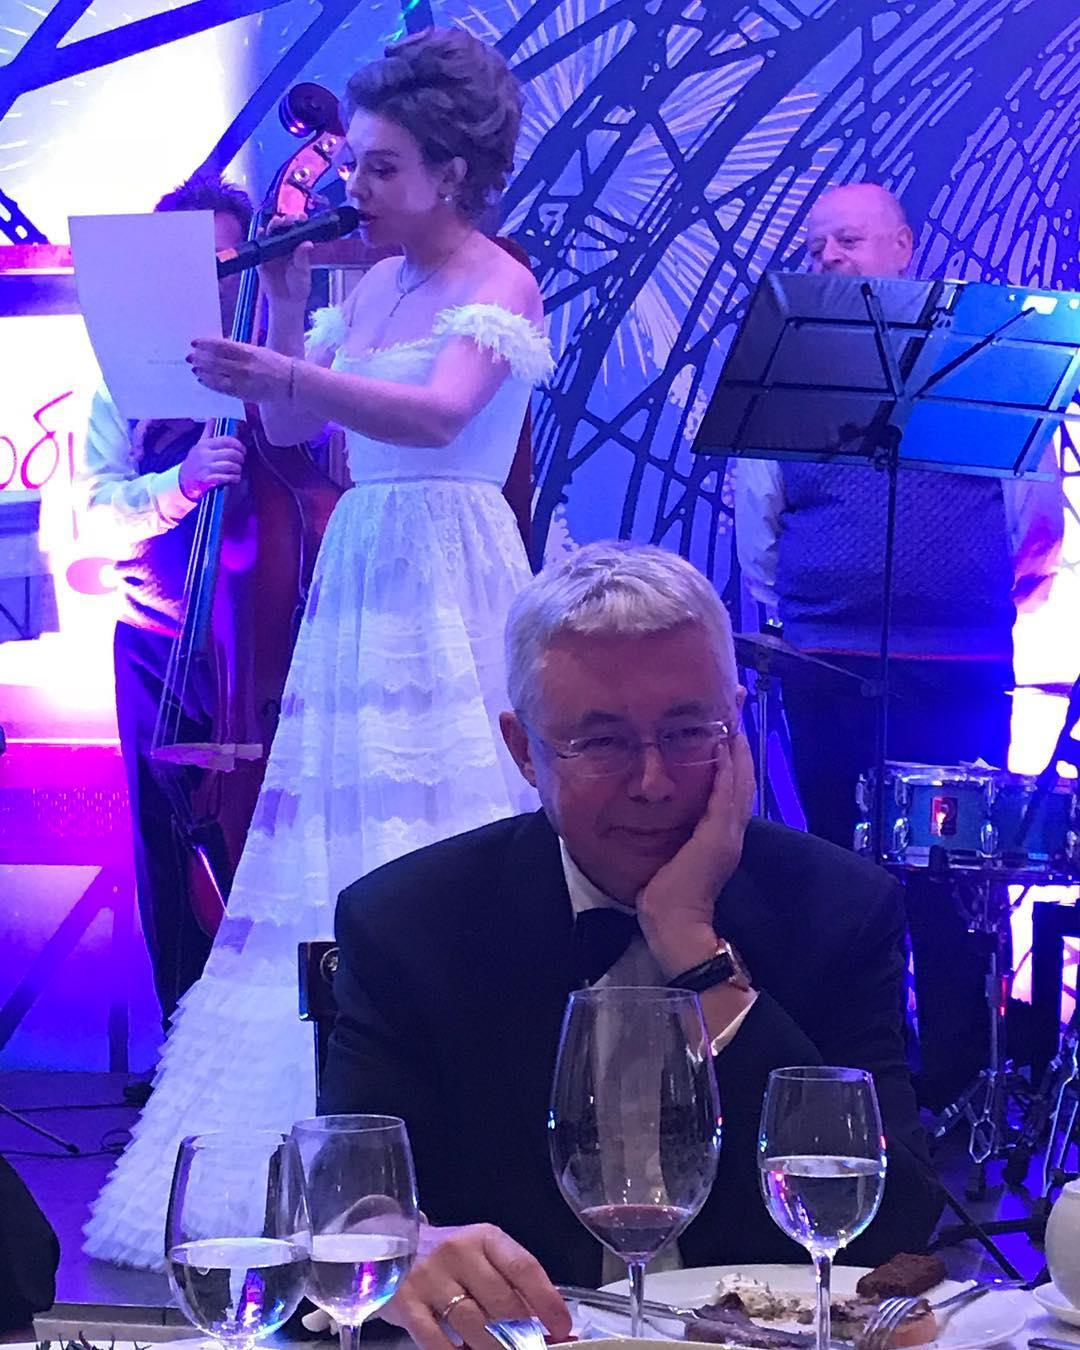 Божена Рынска сыграла свадьбу в ресторане в центре Москвы